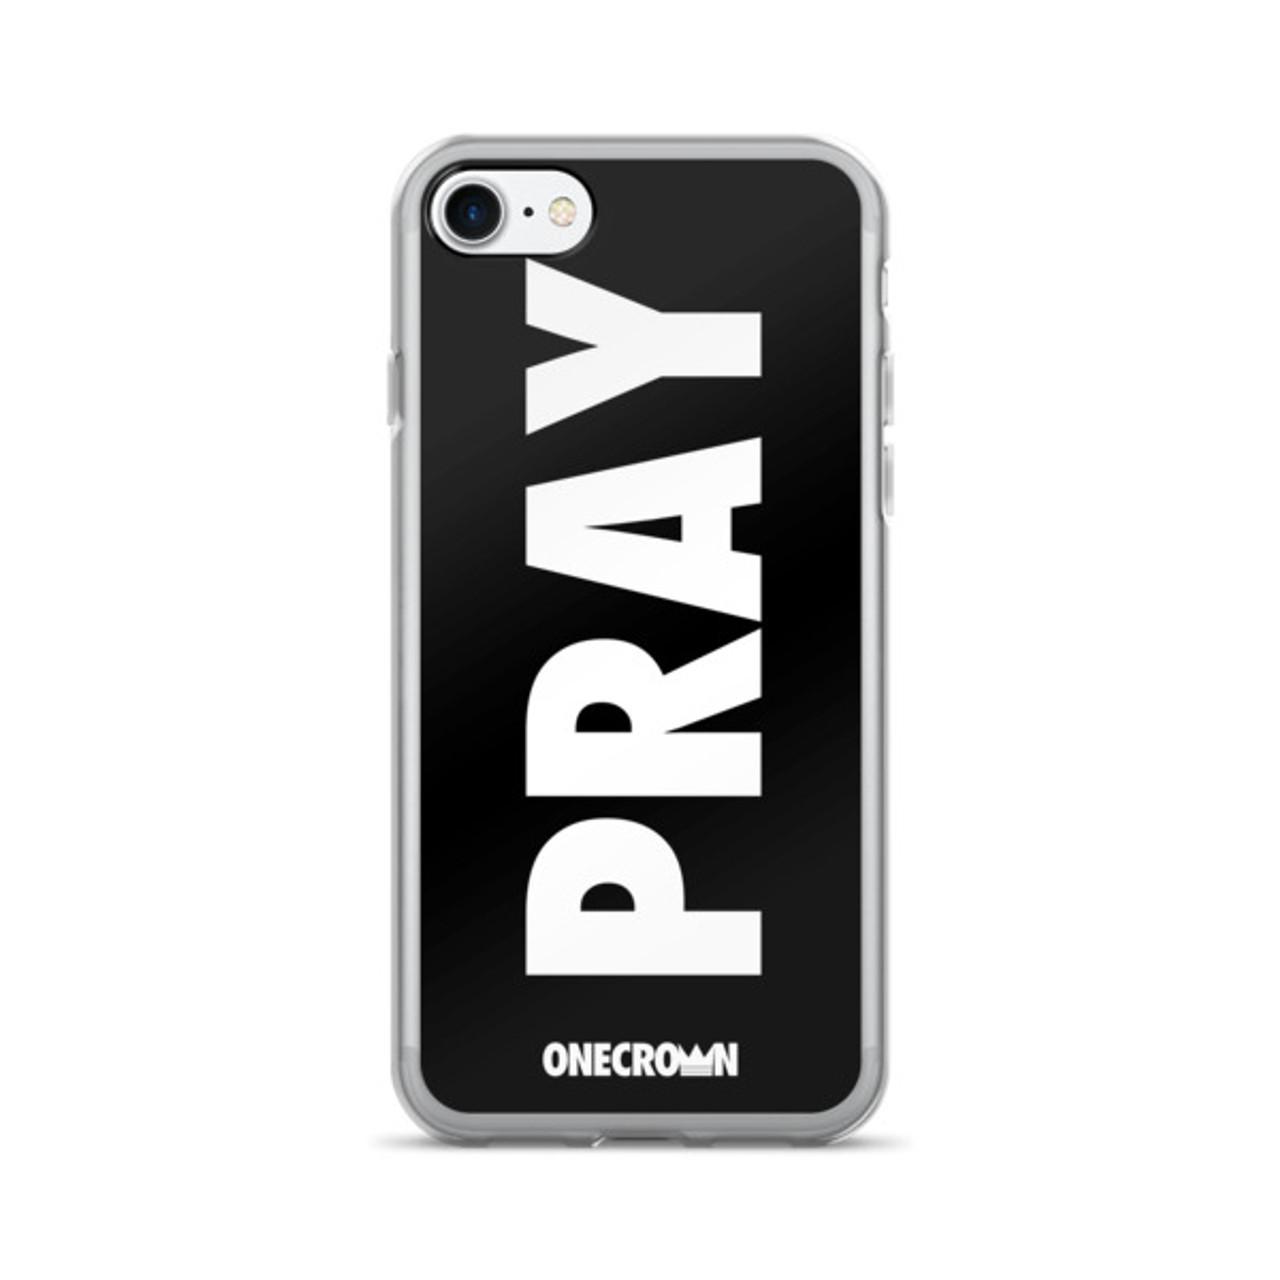 PRAY iPhone 7/7 Plus Case - Black